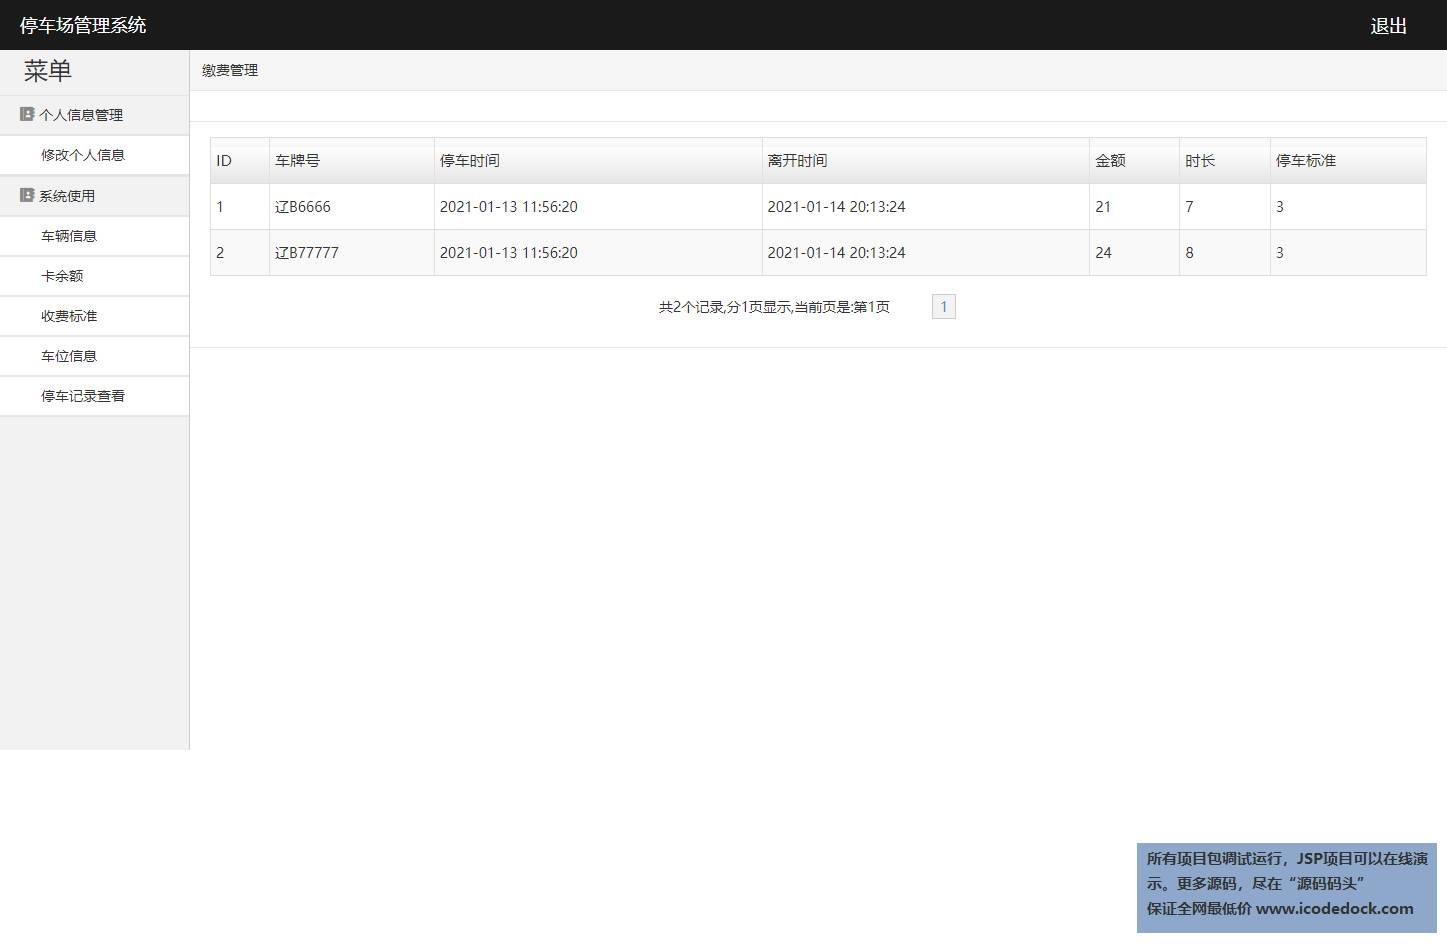 源码码头-JSP停车场管理系统-用户角色-停车记录查看